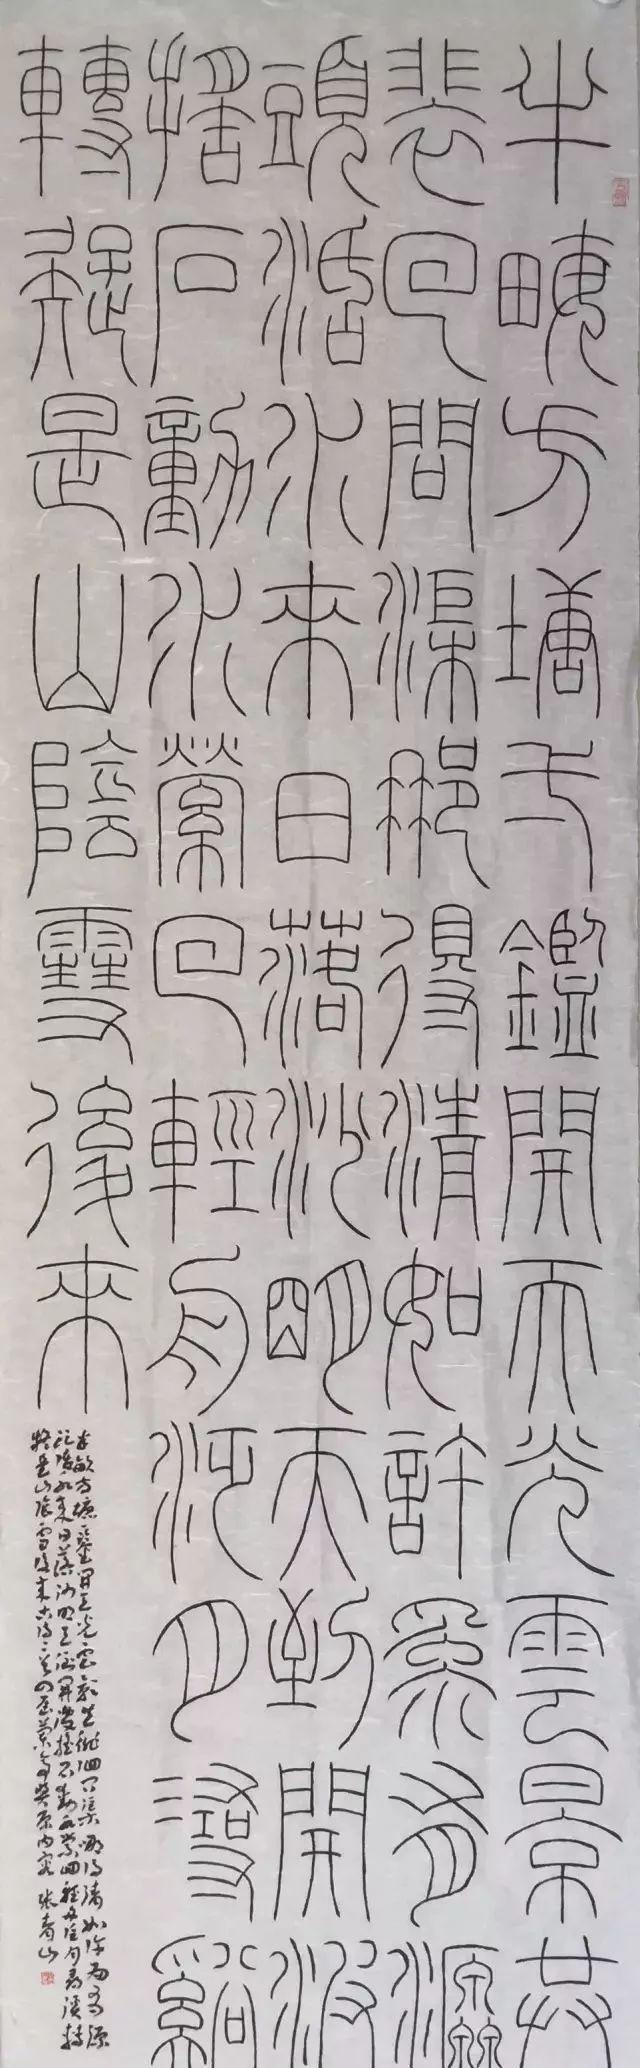 """临帖""""记不住"""" ,5步循环临帖法"""